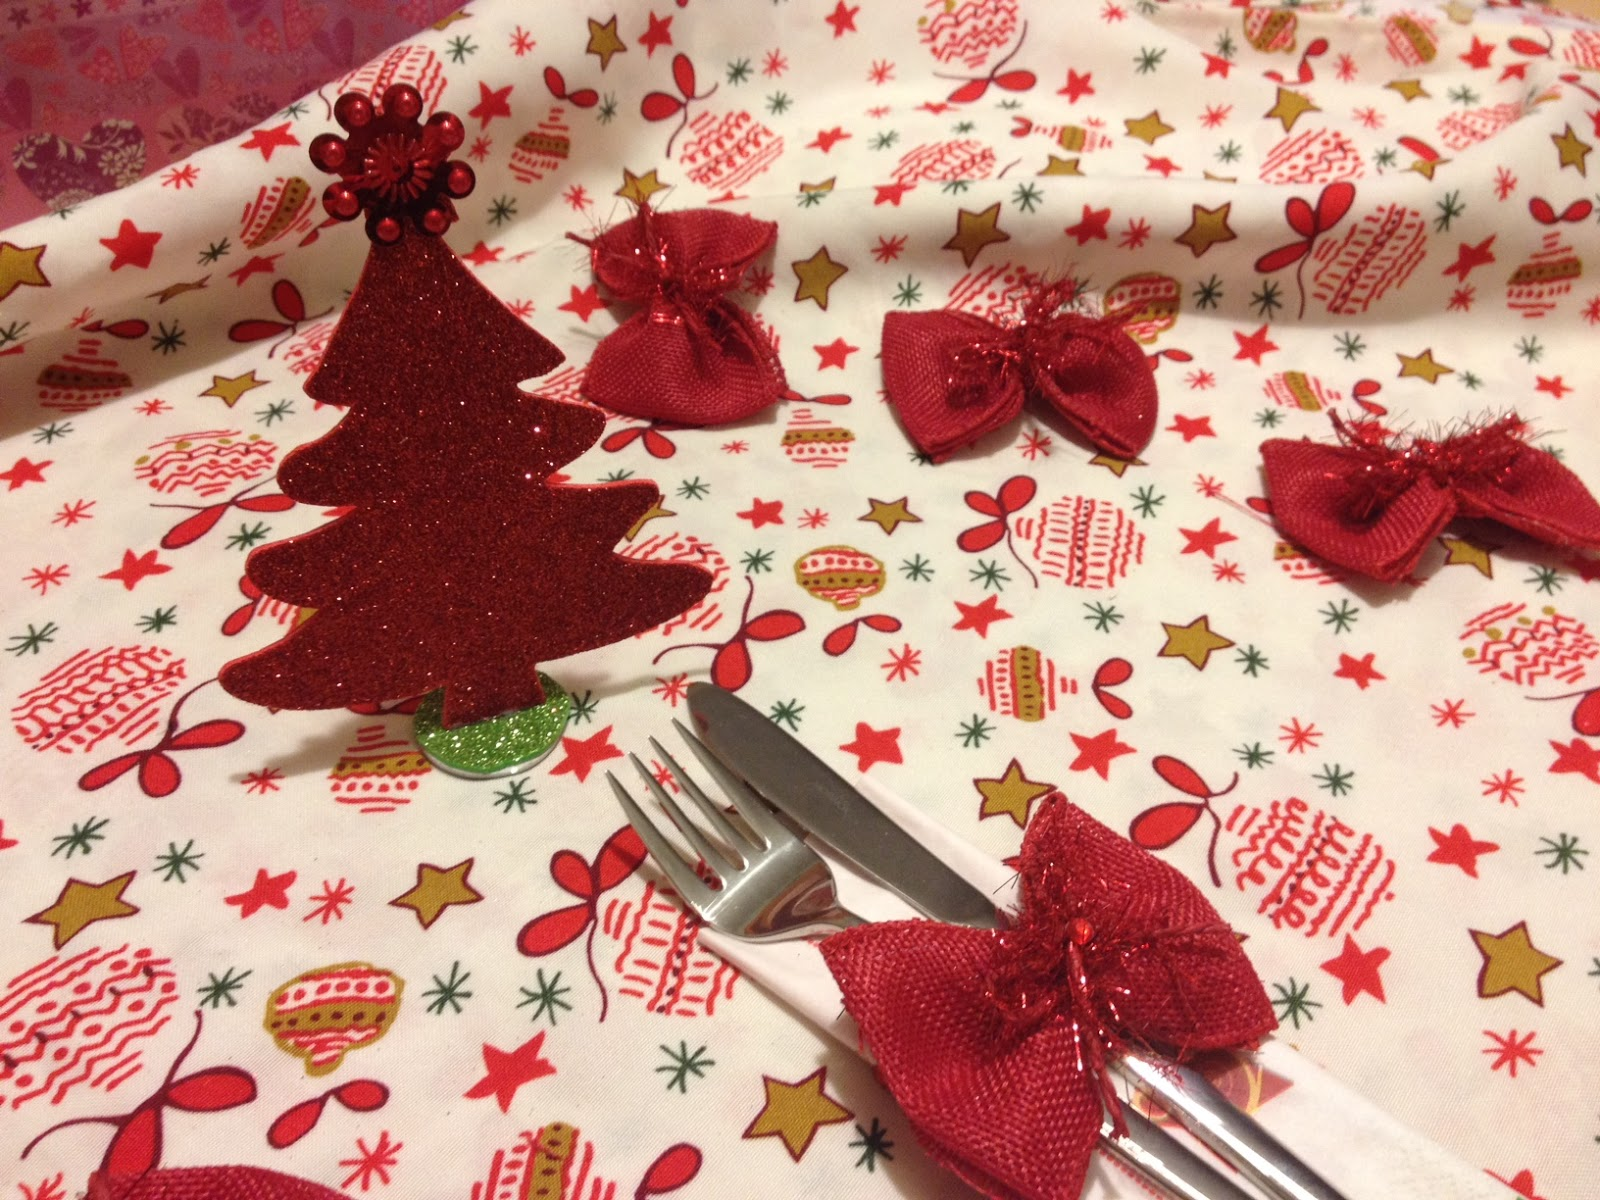 Decorazioni natalizie per la tavola kevitafarelamamma - Addobbi natalizi per tavola da pranzo ...